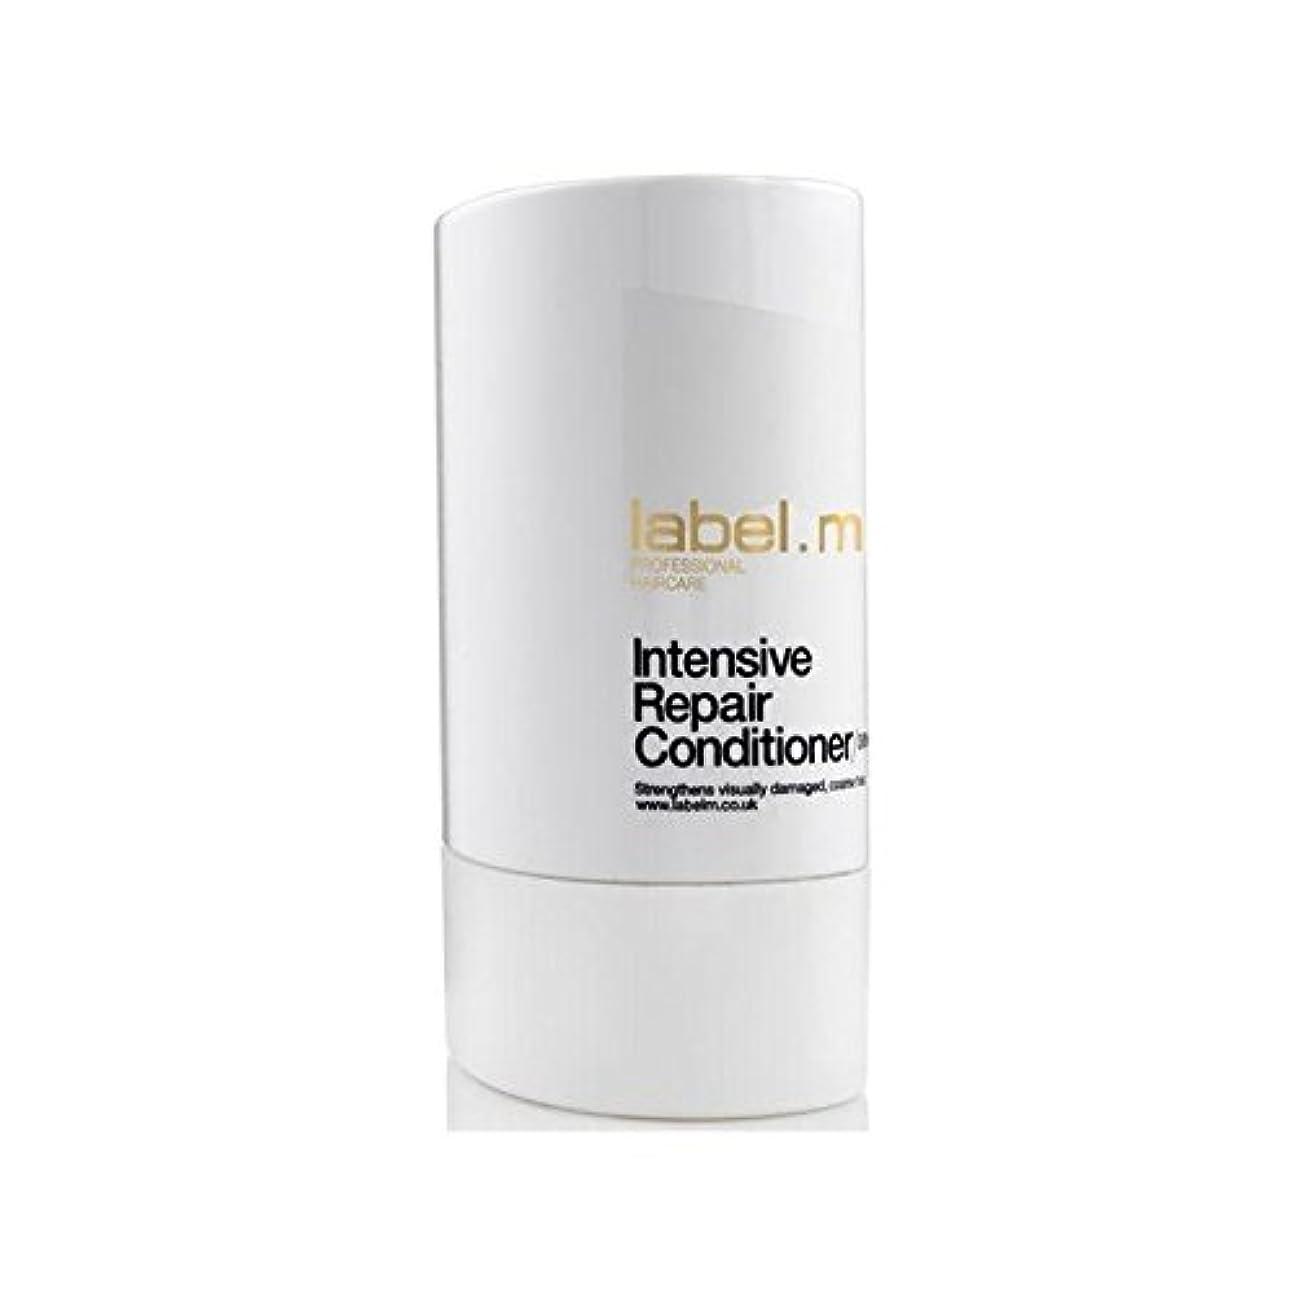 Label.M Intensive Repair Conditioner (300ml) - .の集中リペアコンディショナー(300ミリリットル) [並行輸入品]